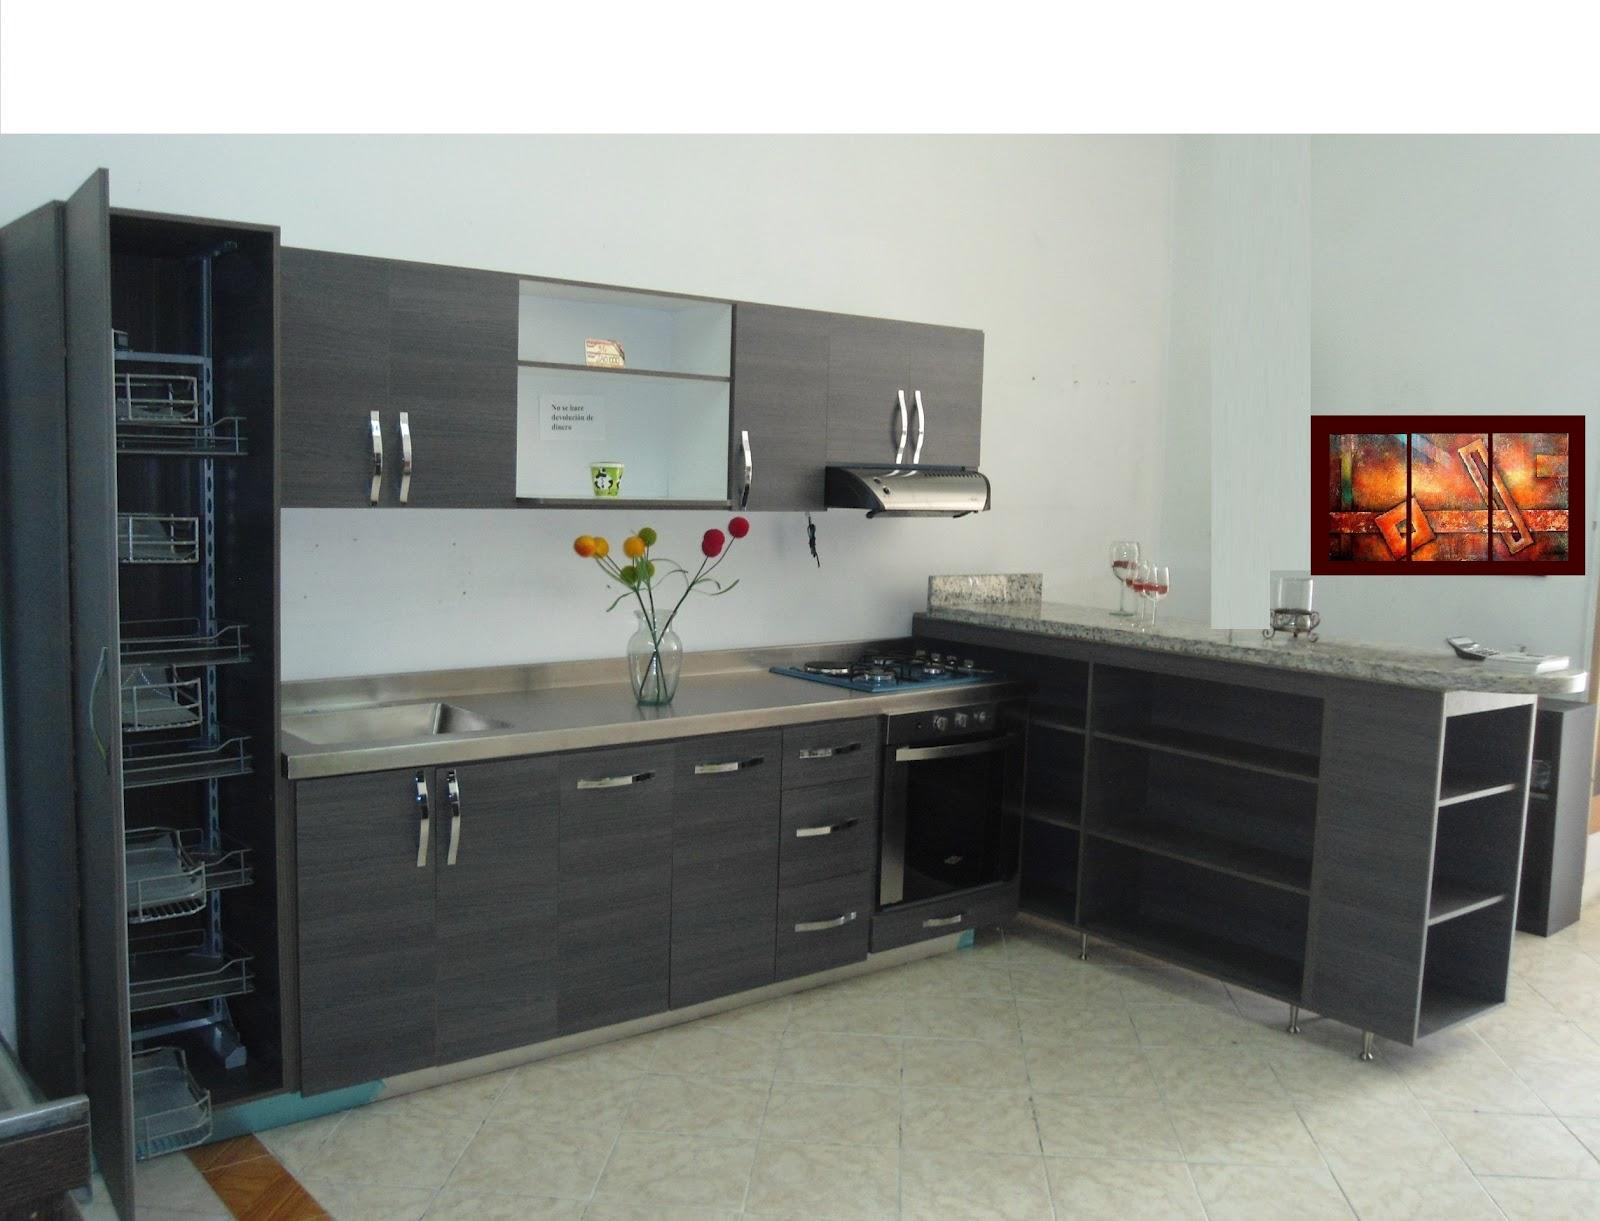 Cocinas del norte cocinas modernas for Cocinas integrales modernas